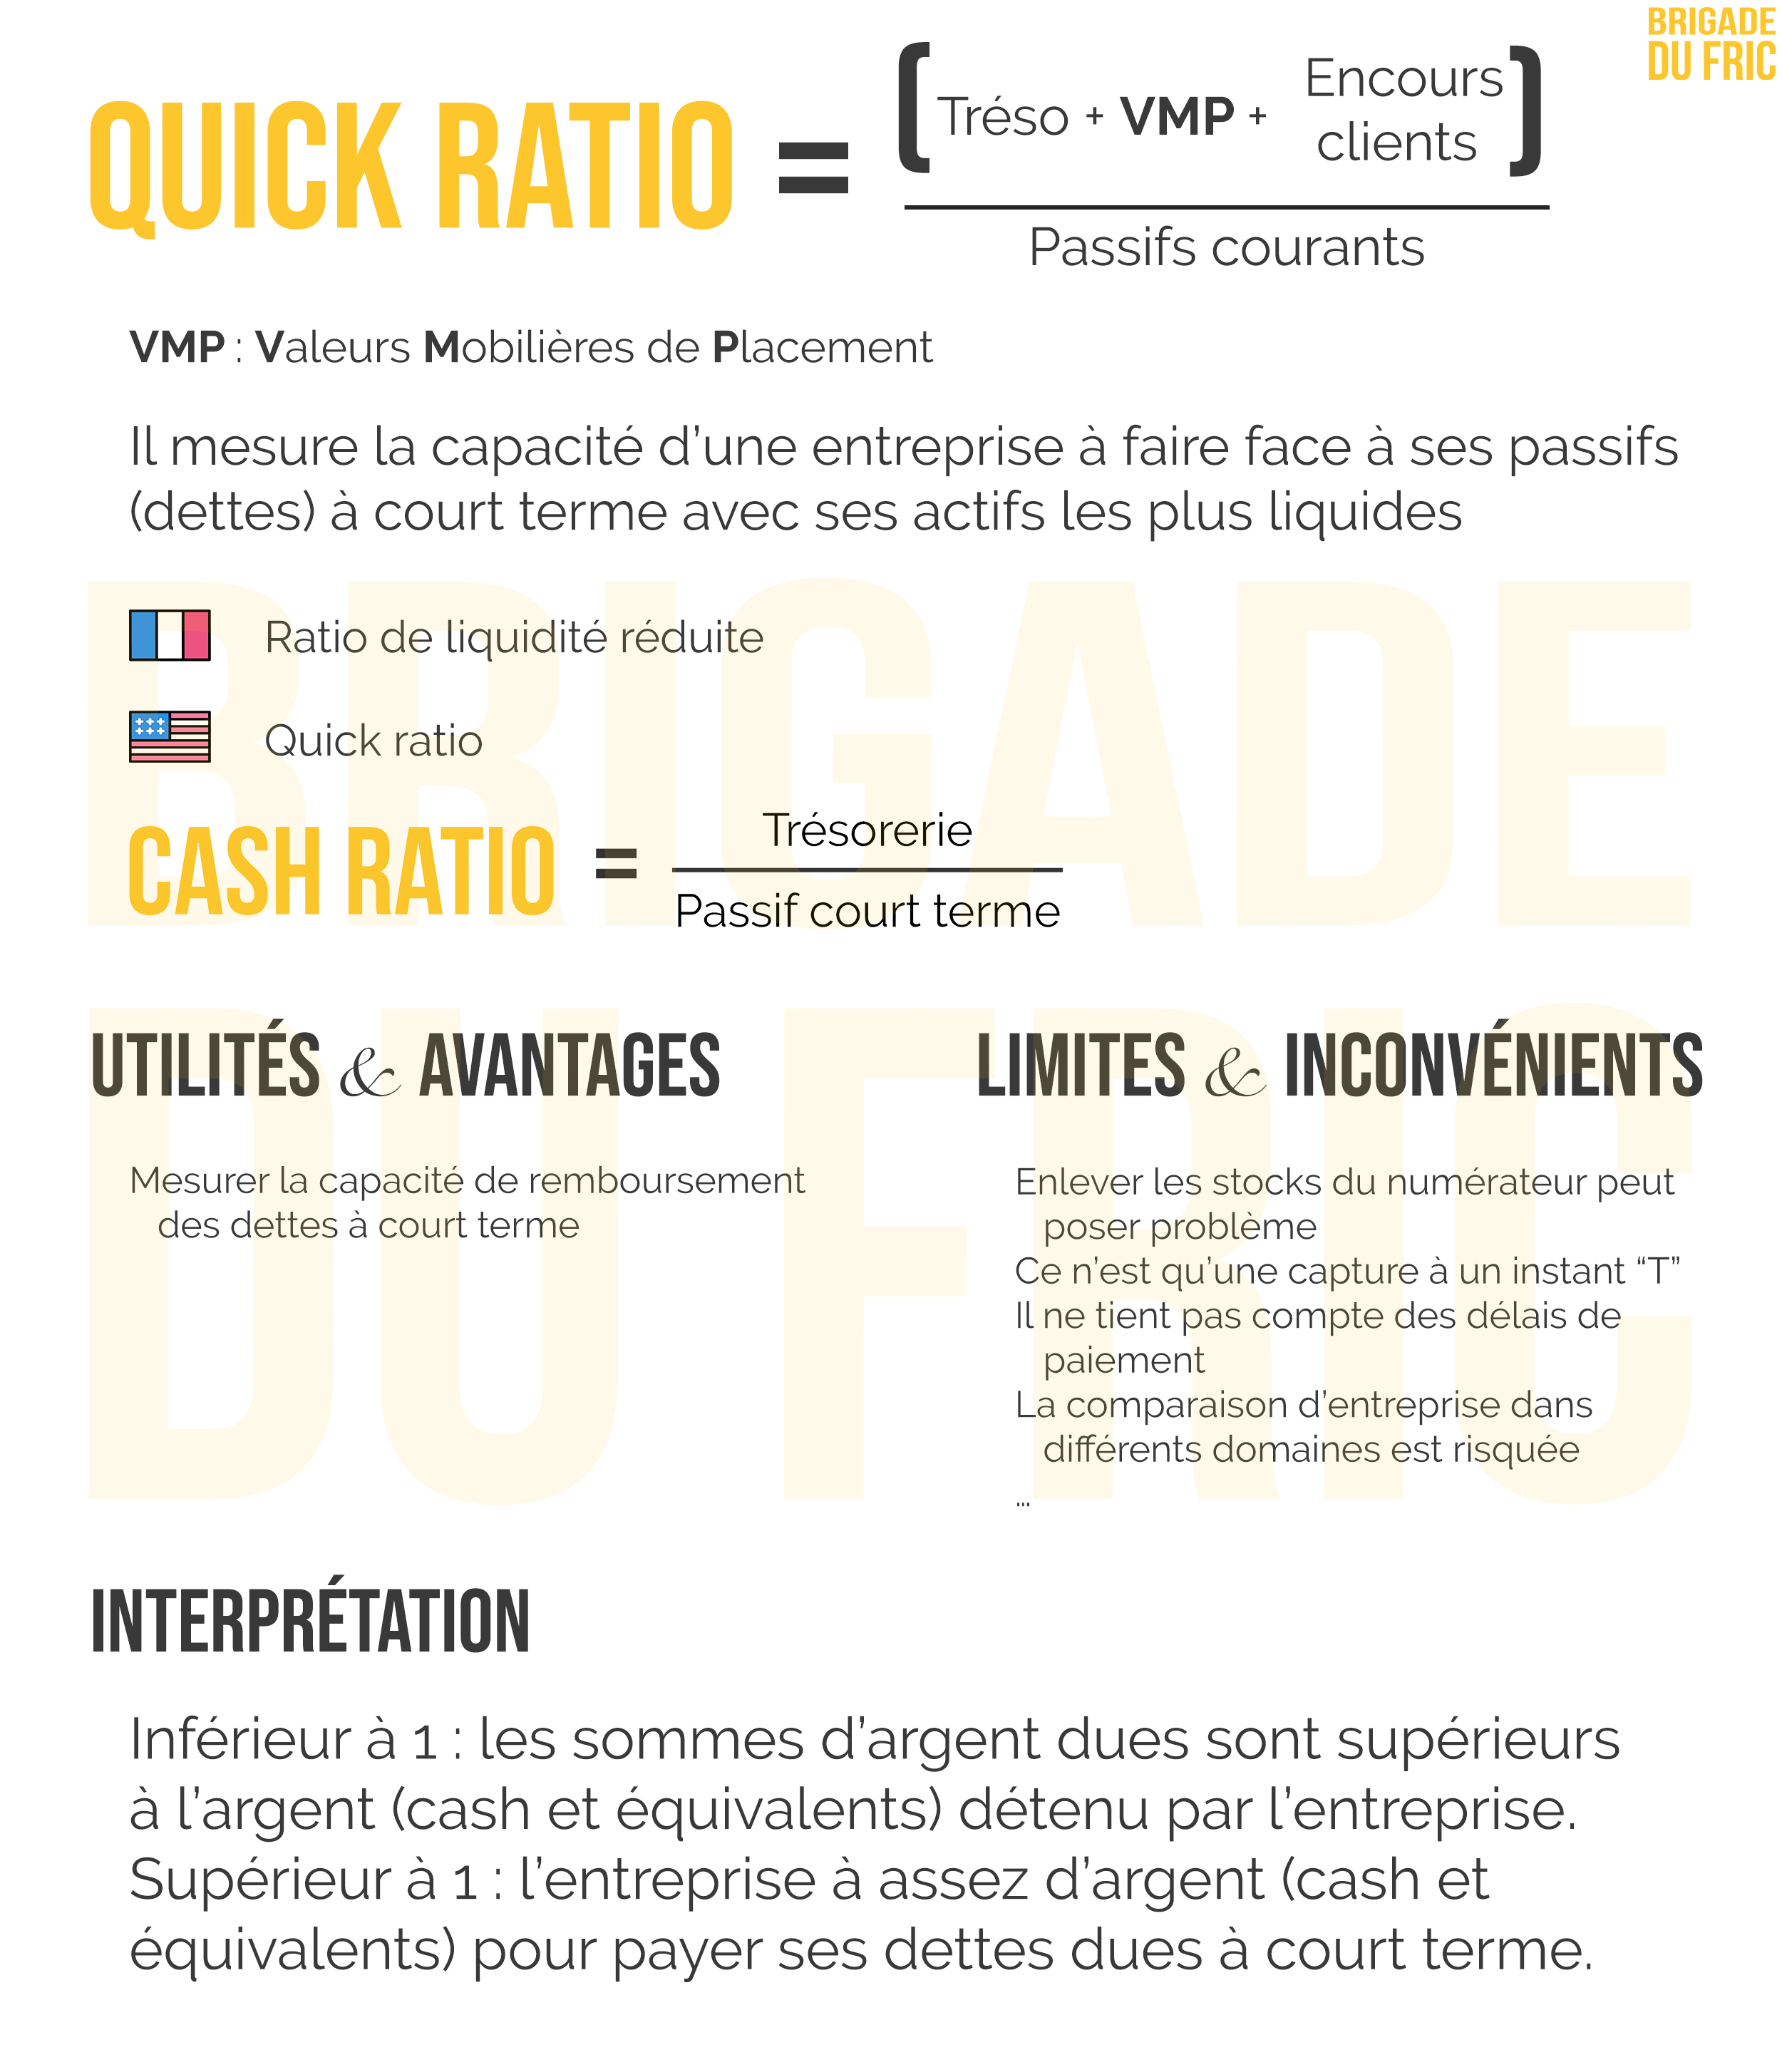 Ratio de liquidité réduite (quick ratio) : fiche résumé